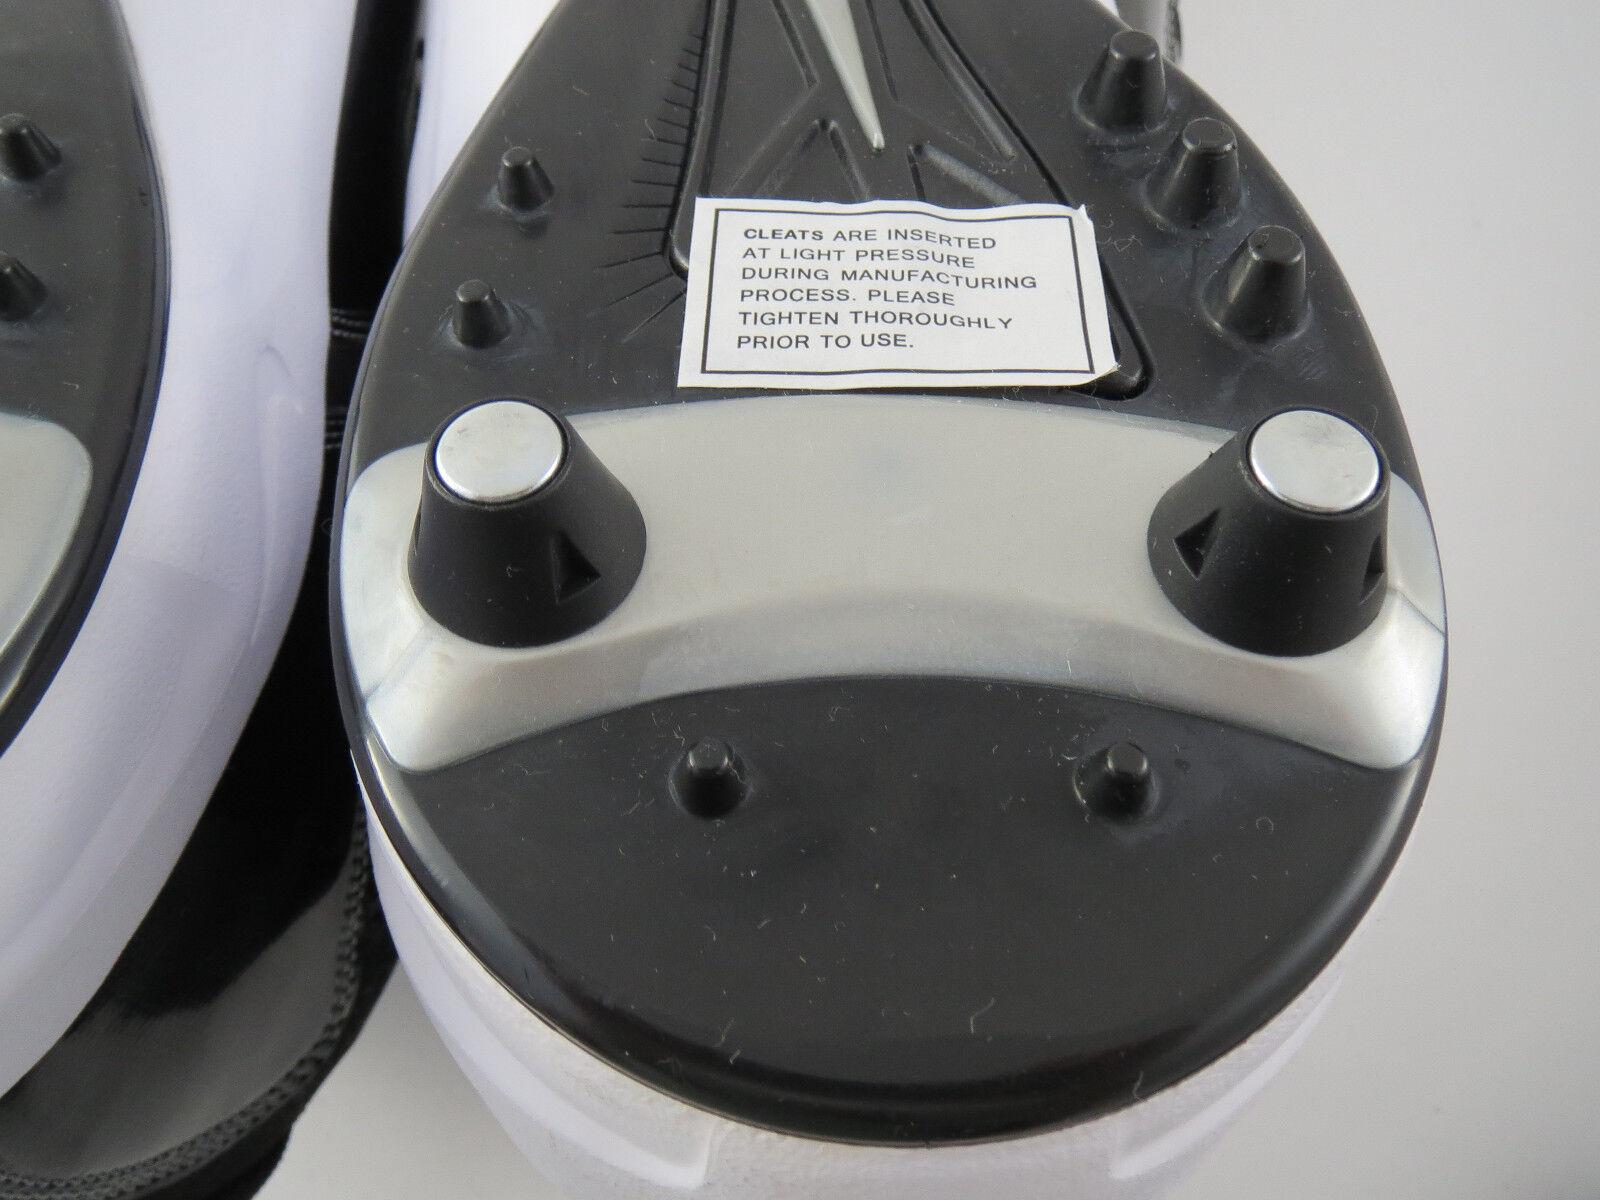 Nuove nike sz 17 calcio calcio scarpe bianco nero nero nero 352634-011 lineman | Sito Ufficiale  | Alta sicurezza  721e8a